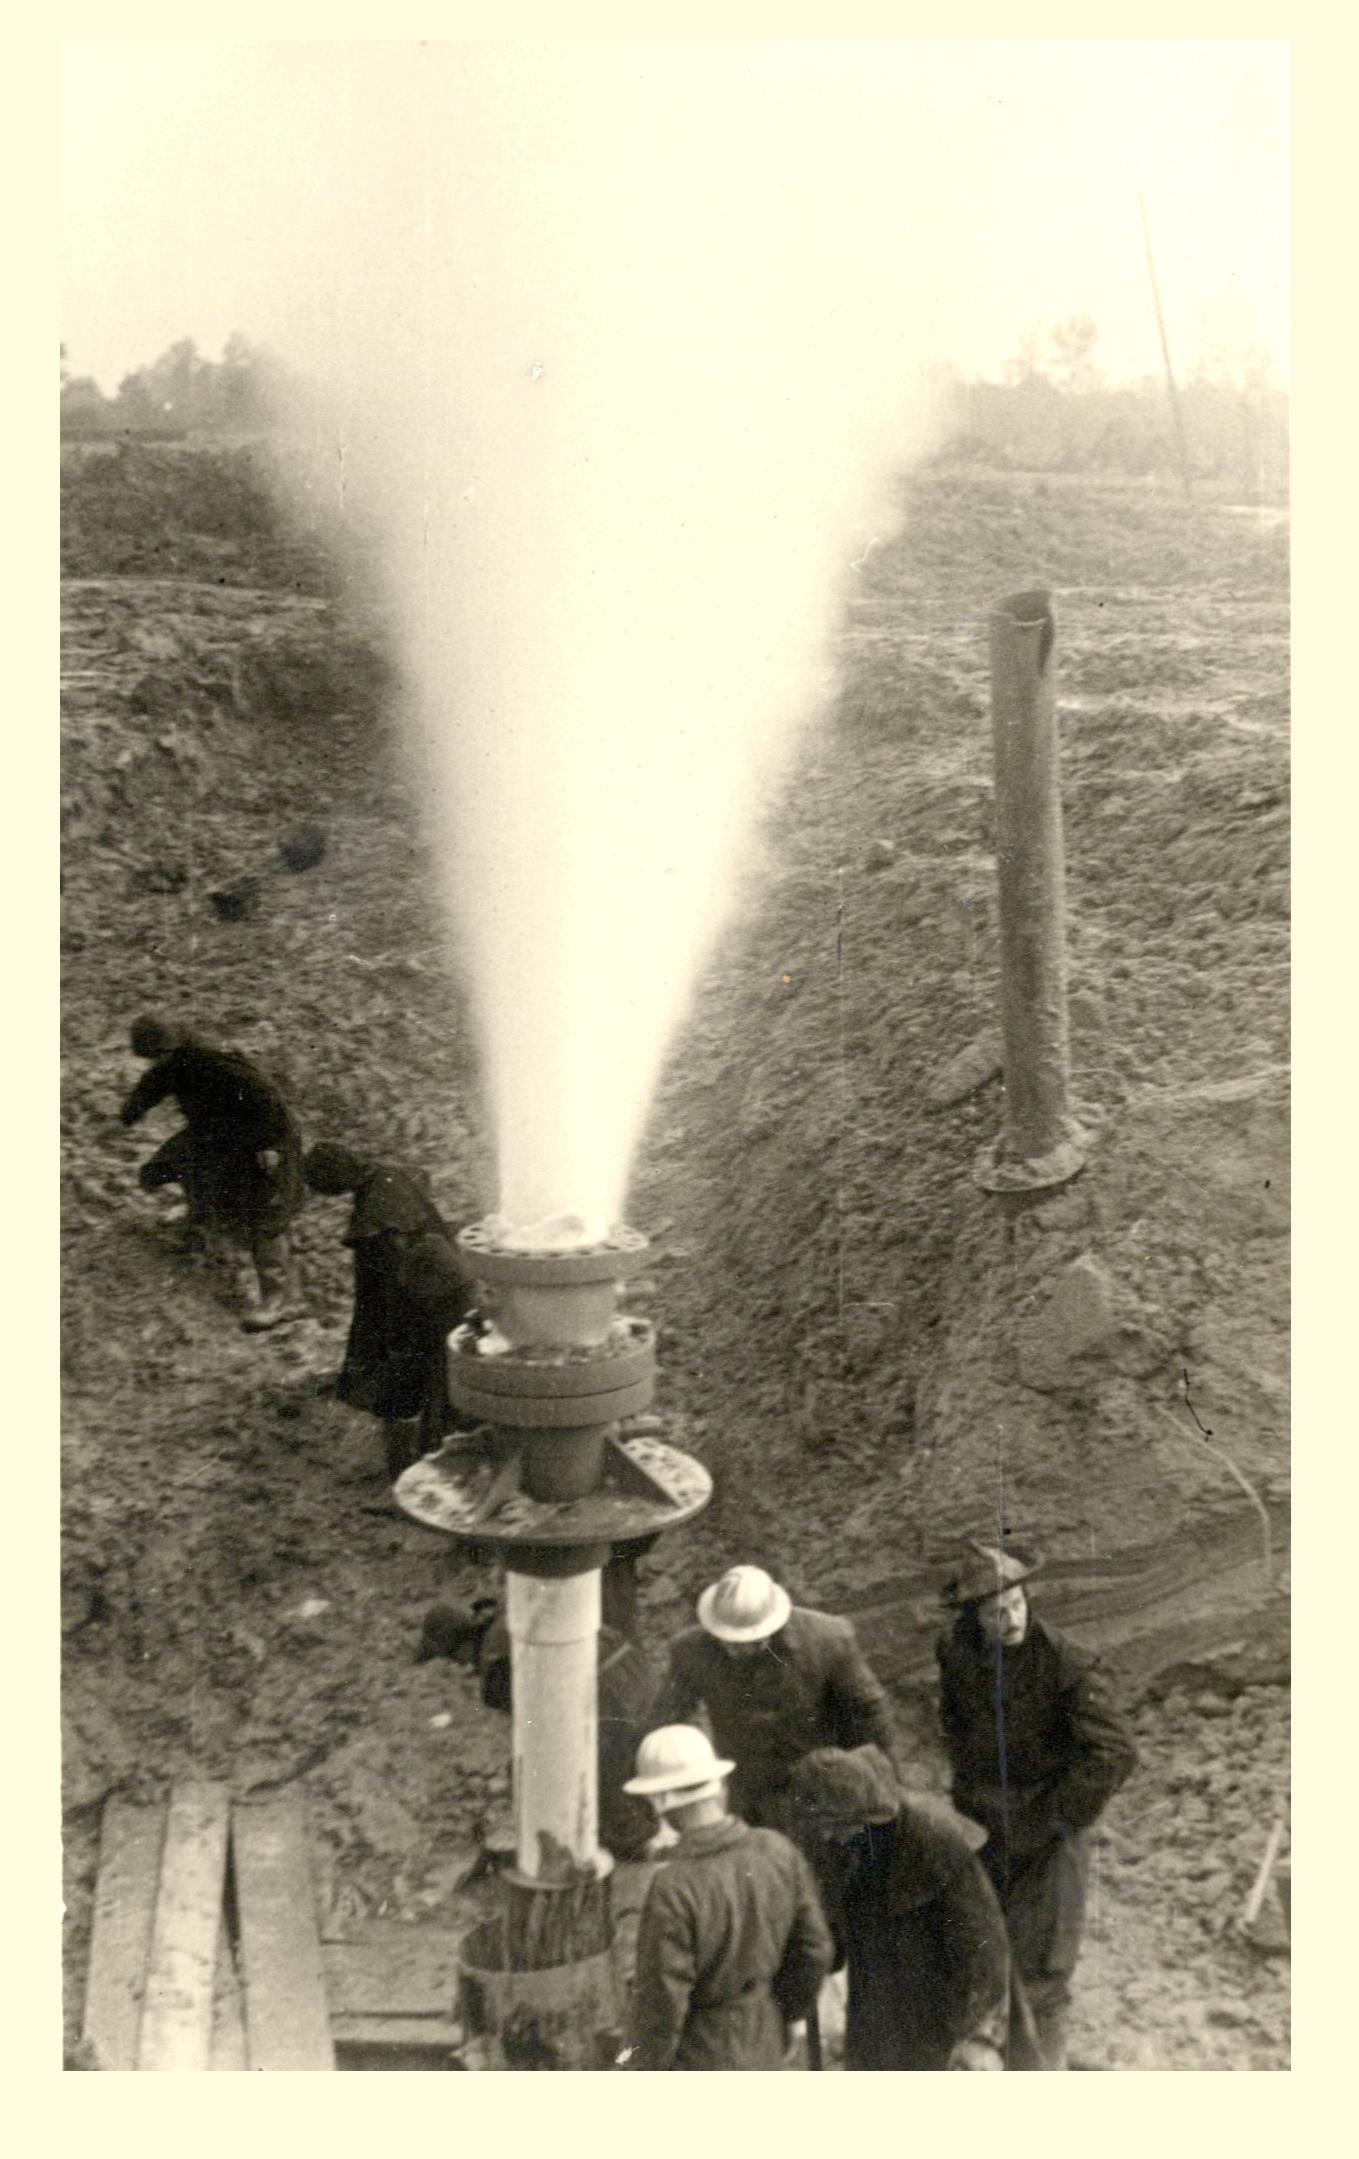 Gicimento metano a Cortemaggiore 1950